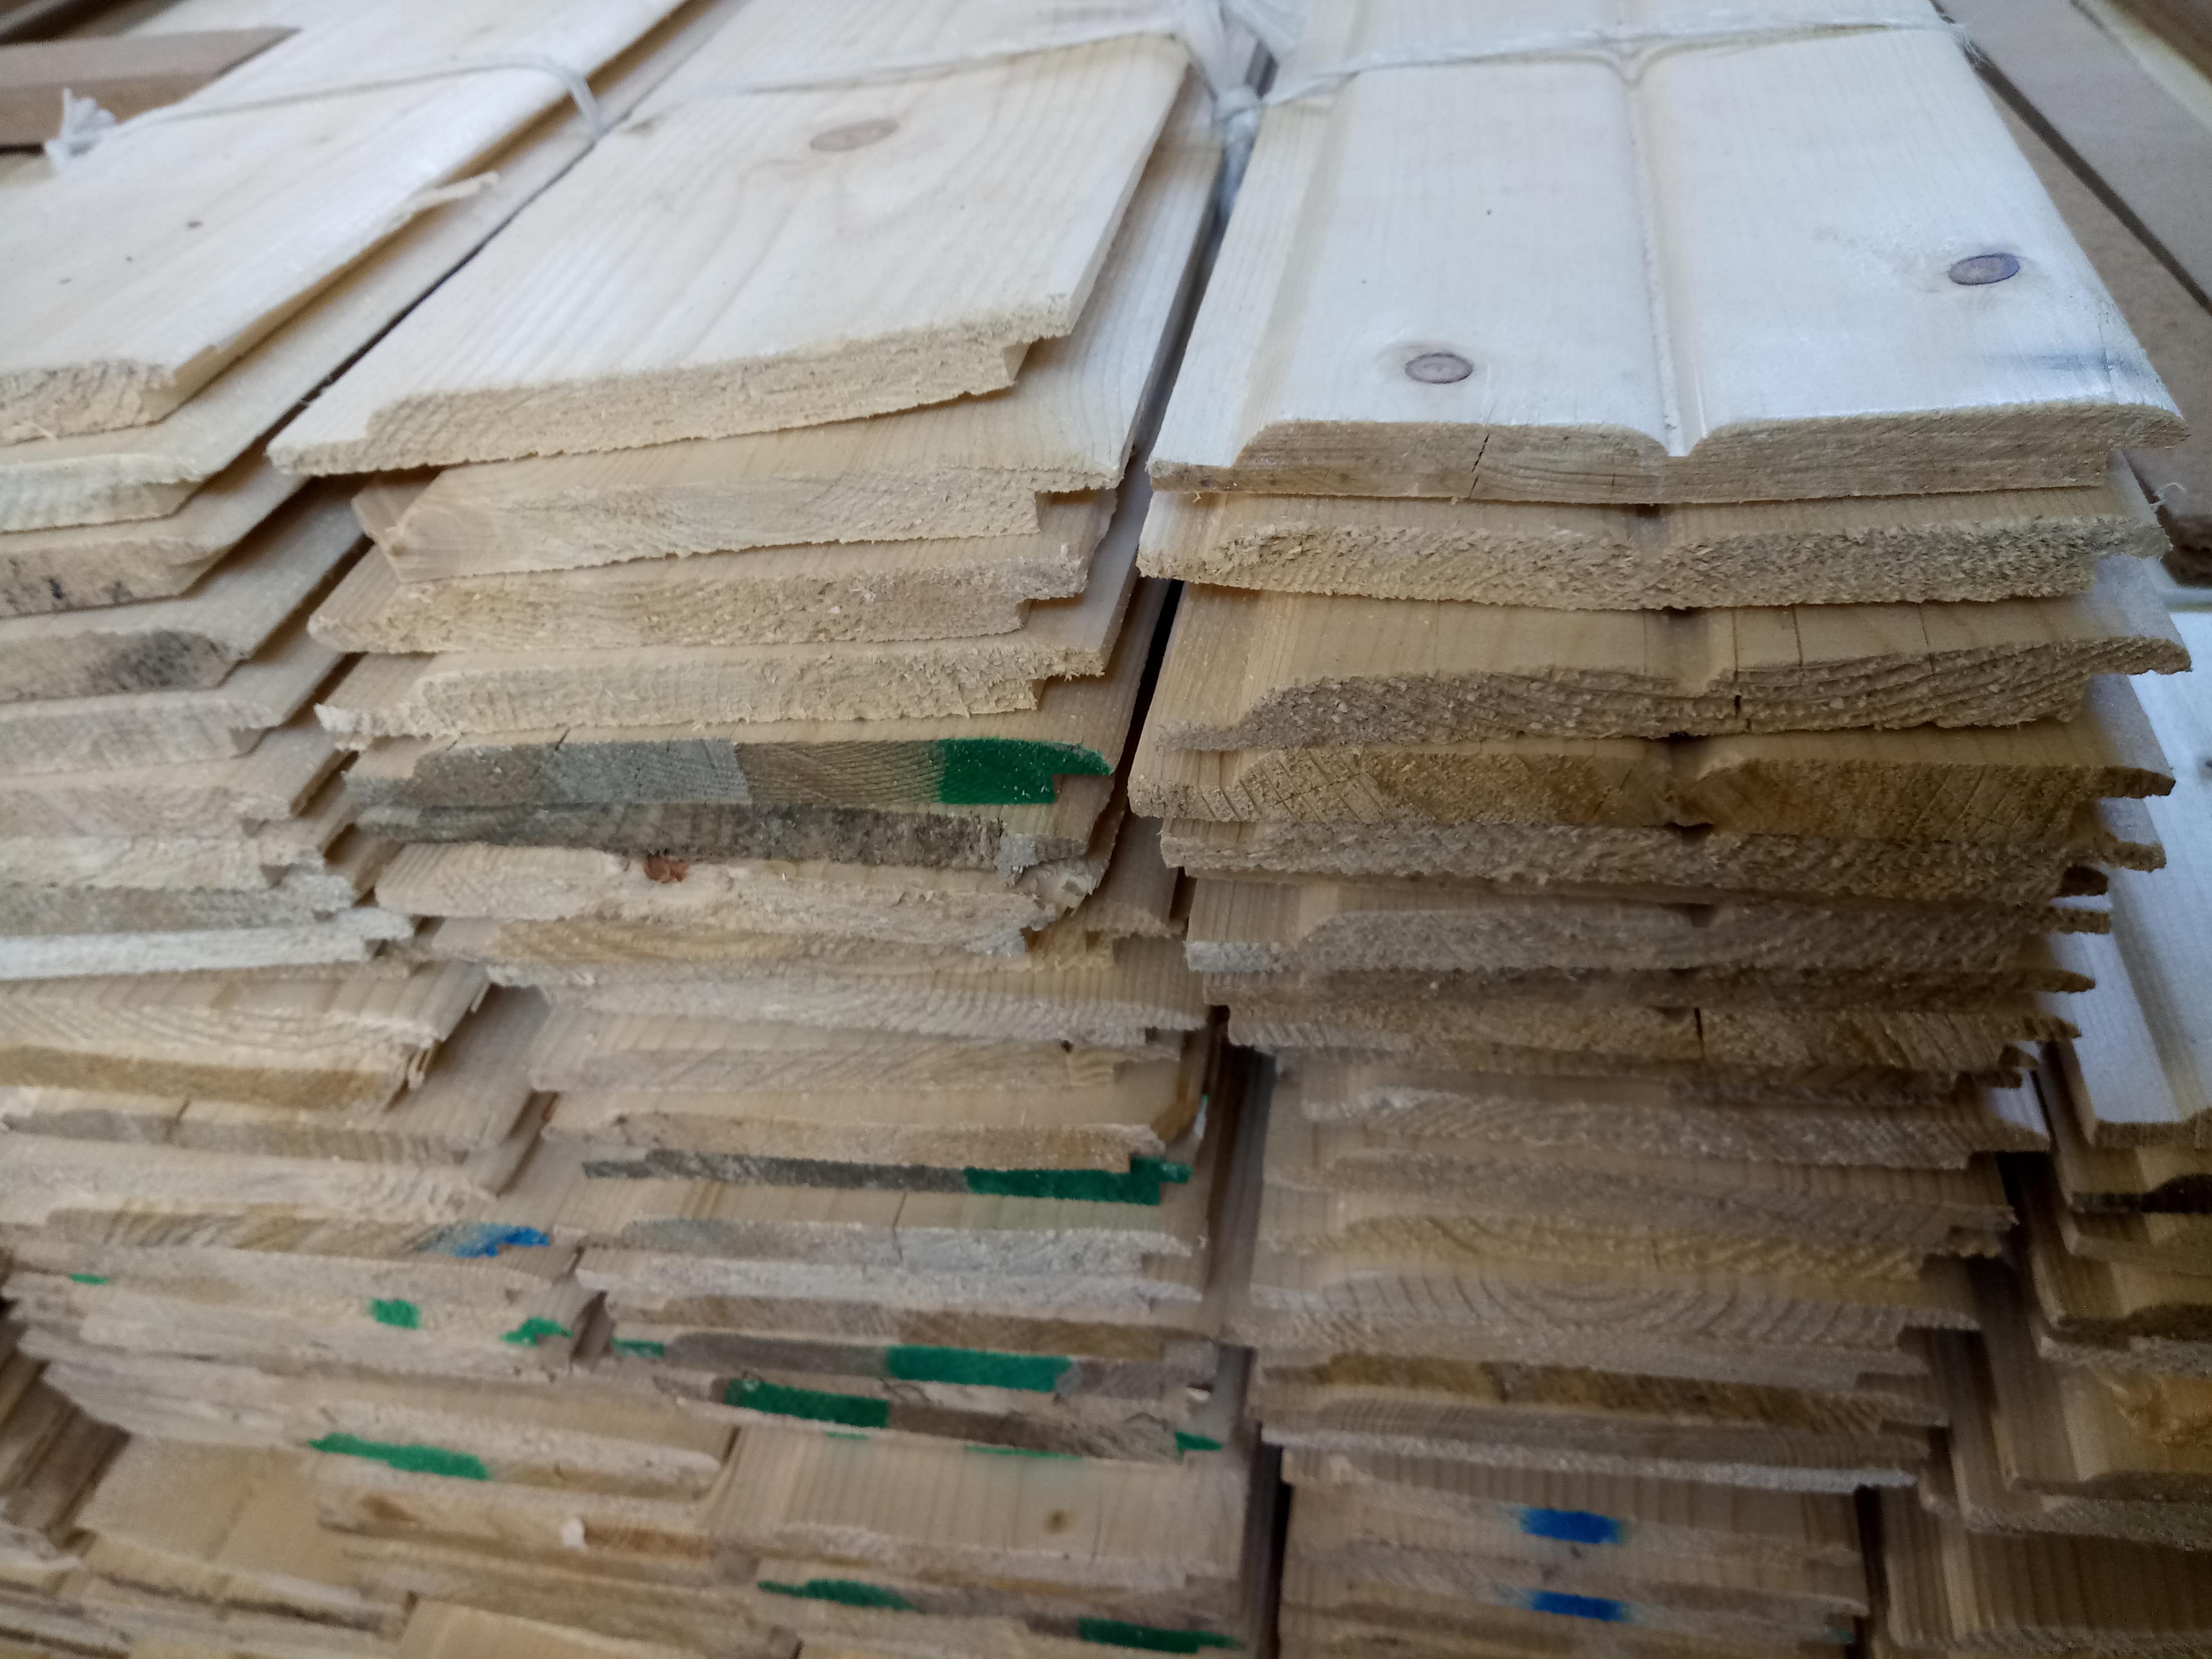 لمبه چوب روسی 10 سانت و 15 سانت , لمبه و روکوب و دیوارکوب , سقف کاذب چوبی